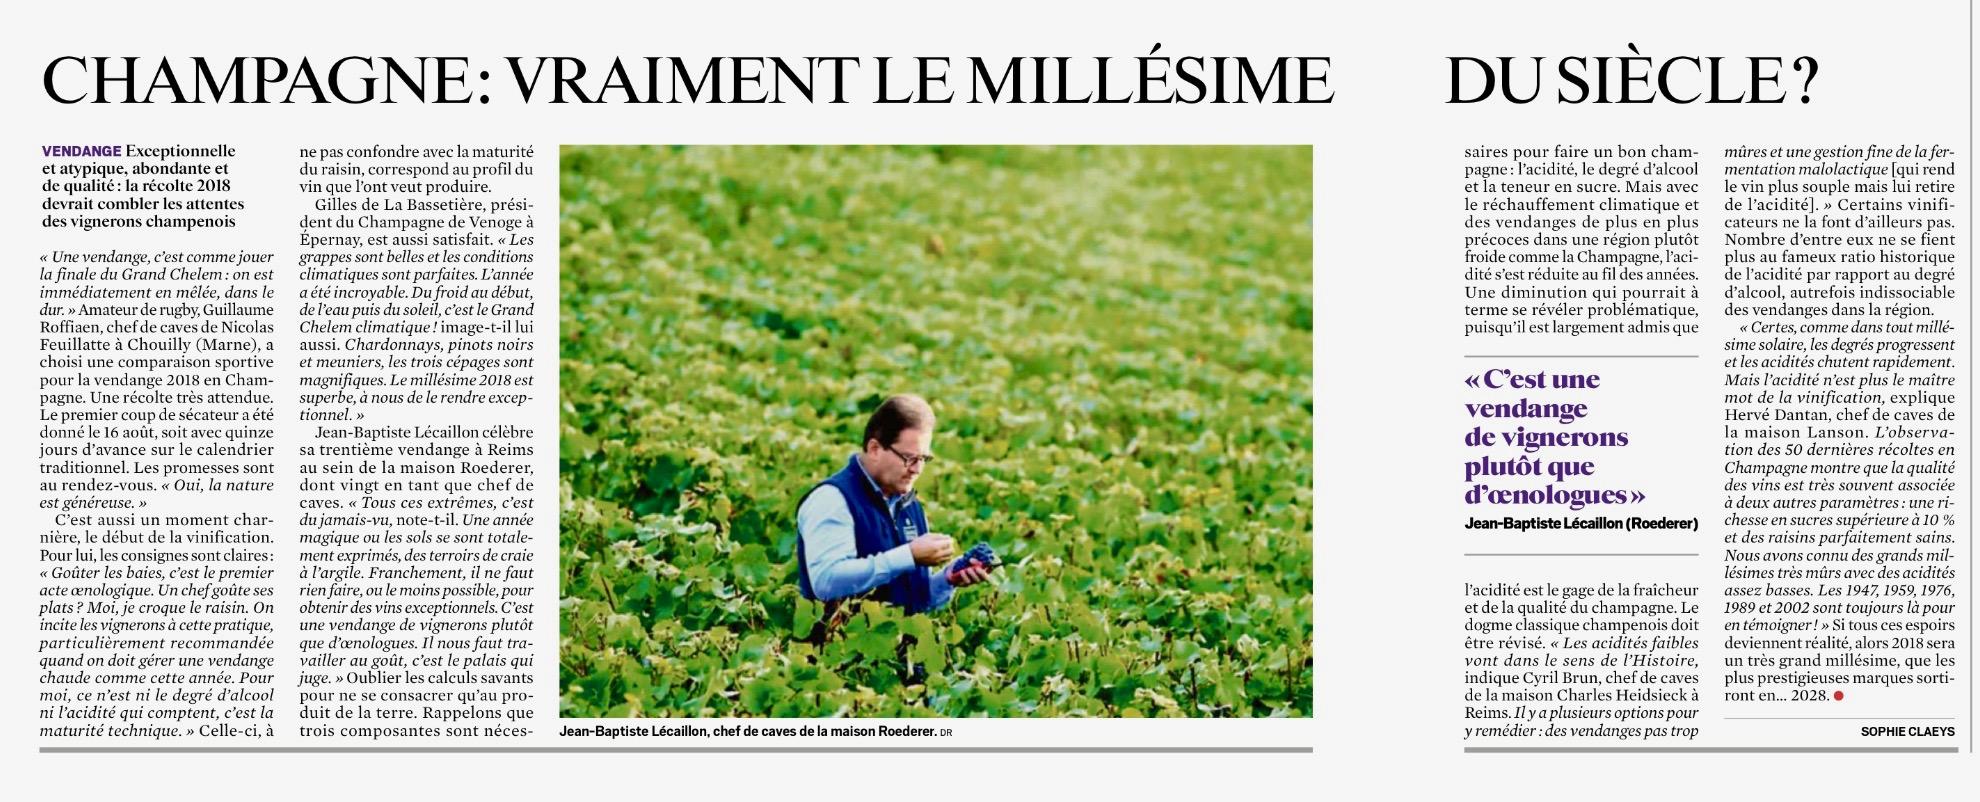 Journal Du Dimanche du 9 septembre 2018.